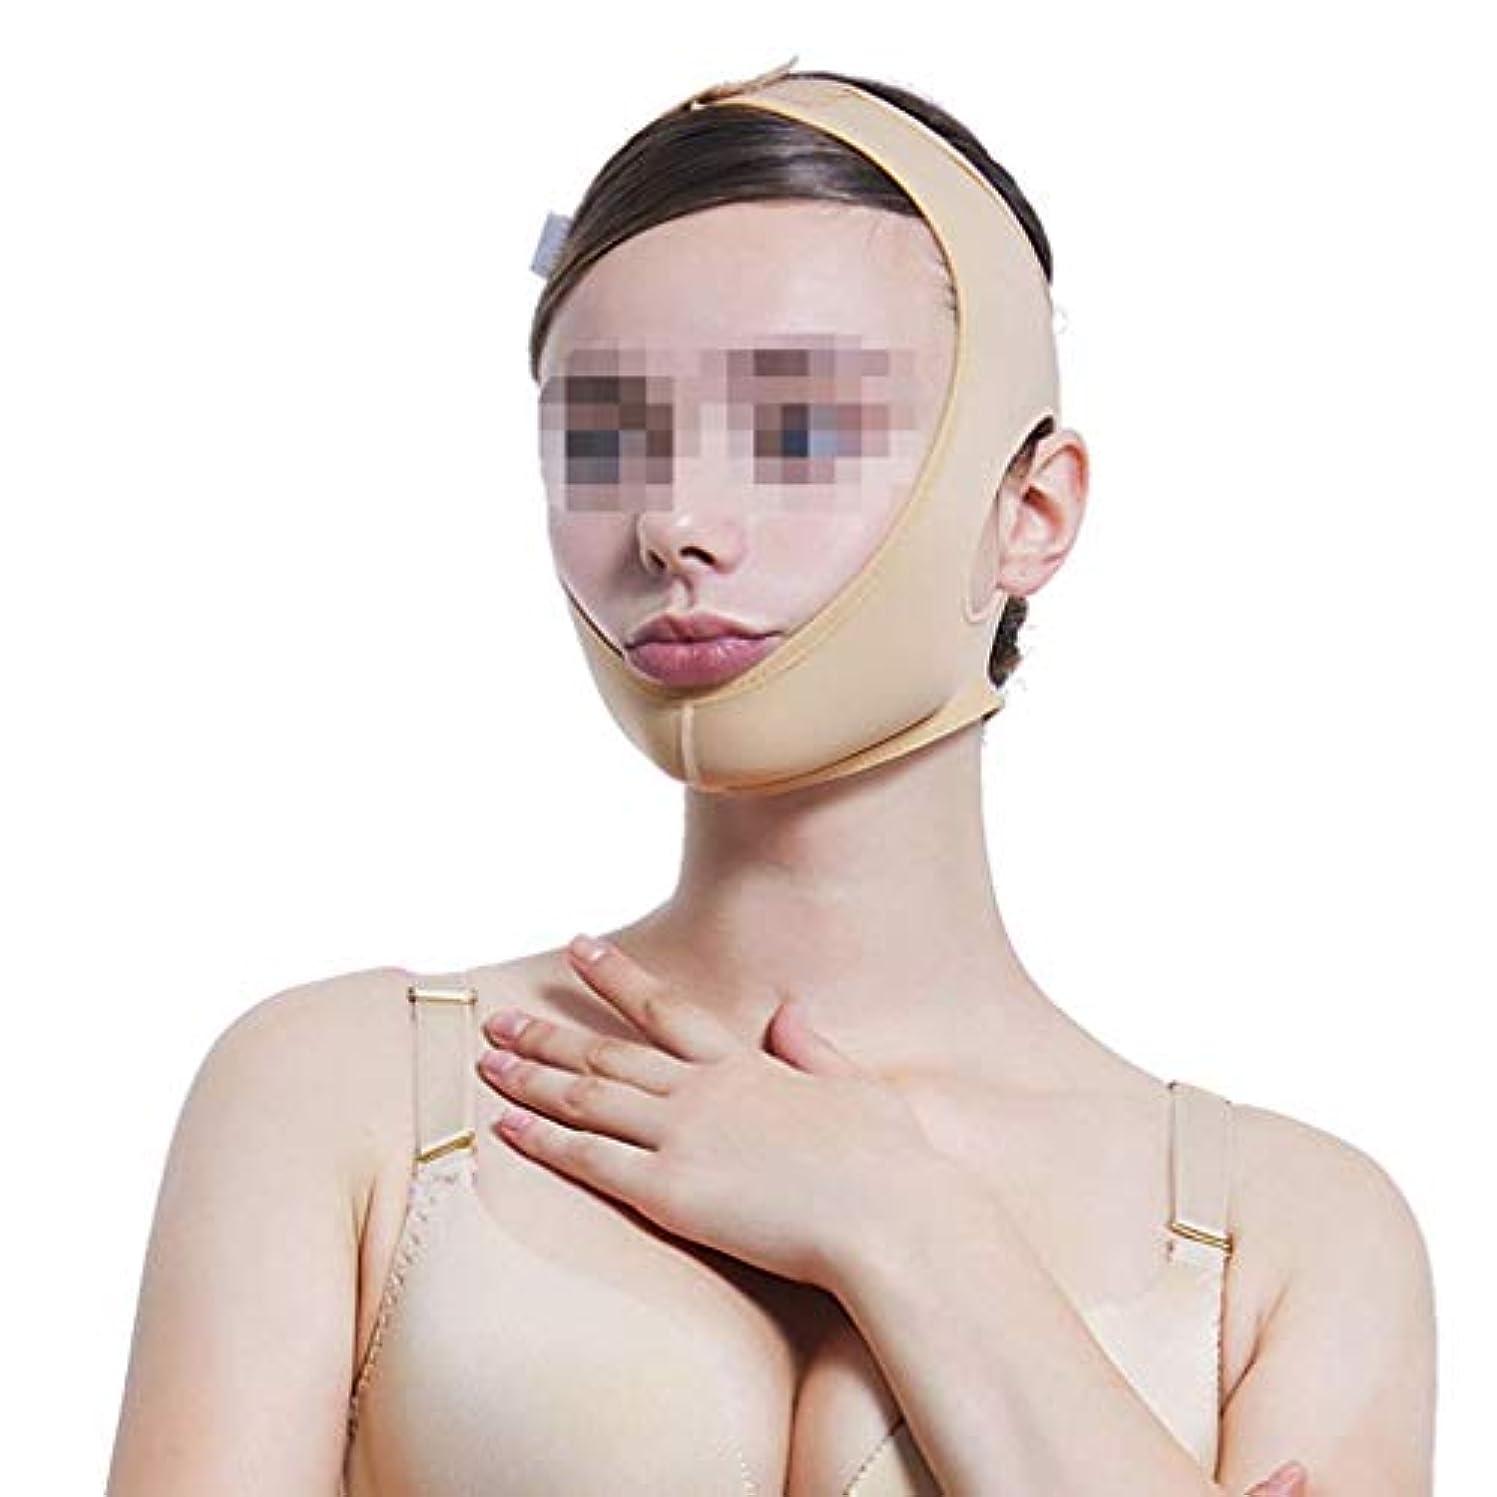 腐敗した赤道意味ビームフェイス弾性ヘッドギア、ダブルあごのあごのセットをマスクの後に線彫り薄いフェイス包帯マルチサイズオプション(サイズ:XS),XL